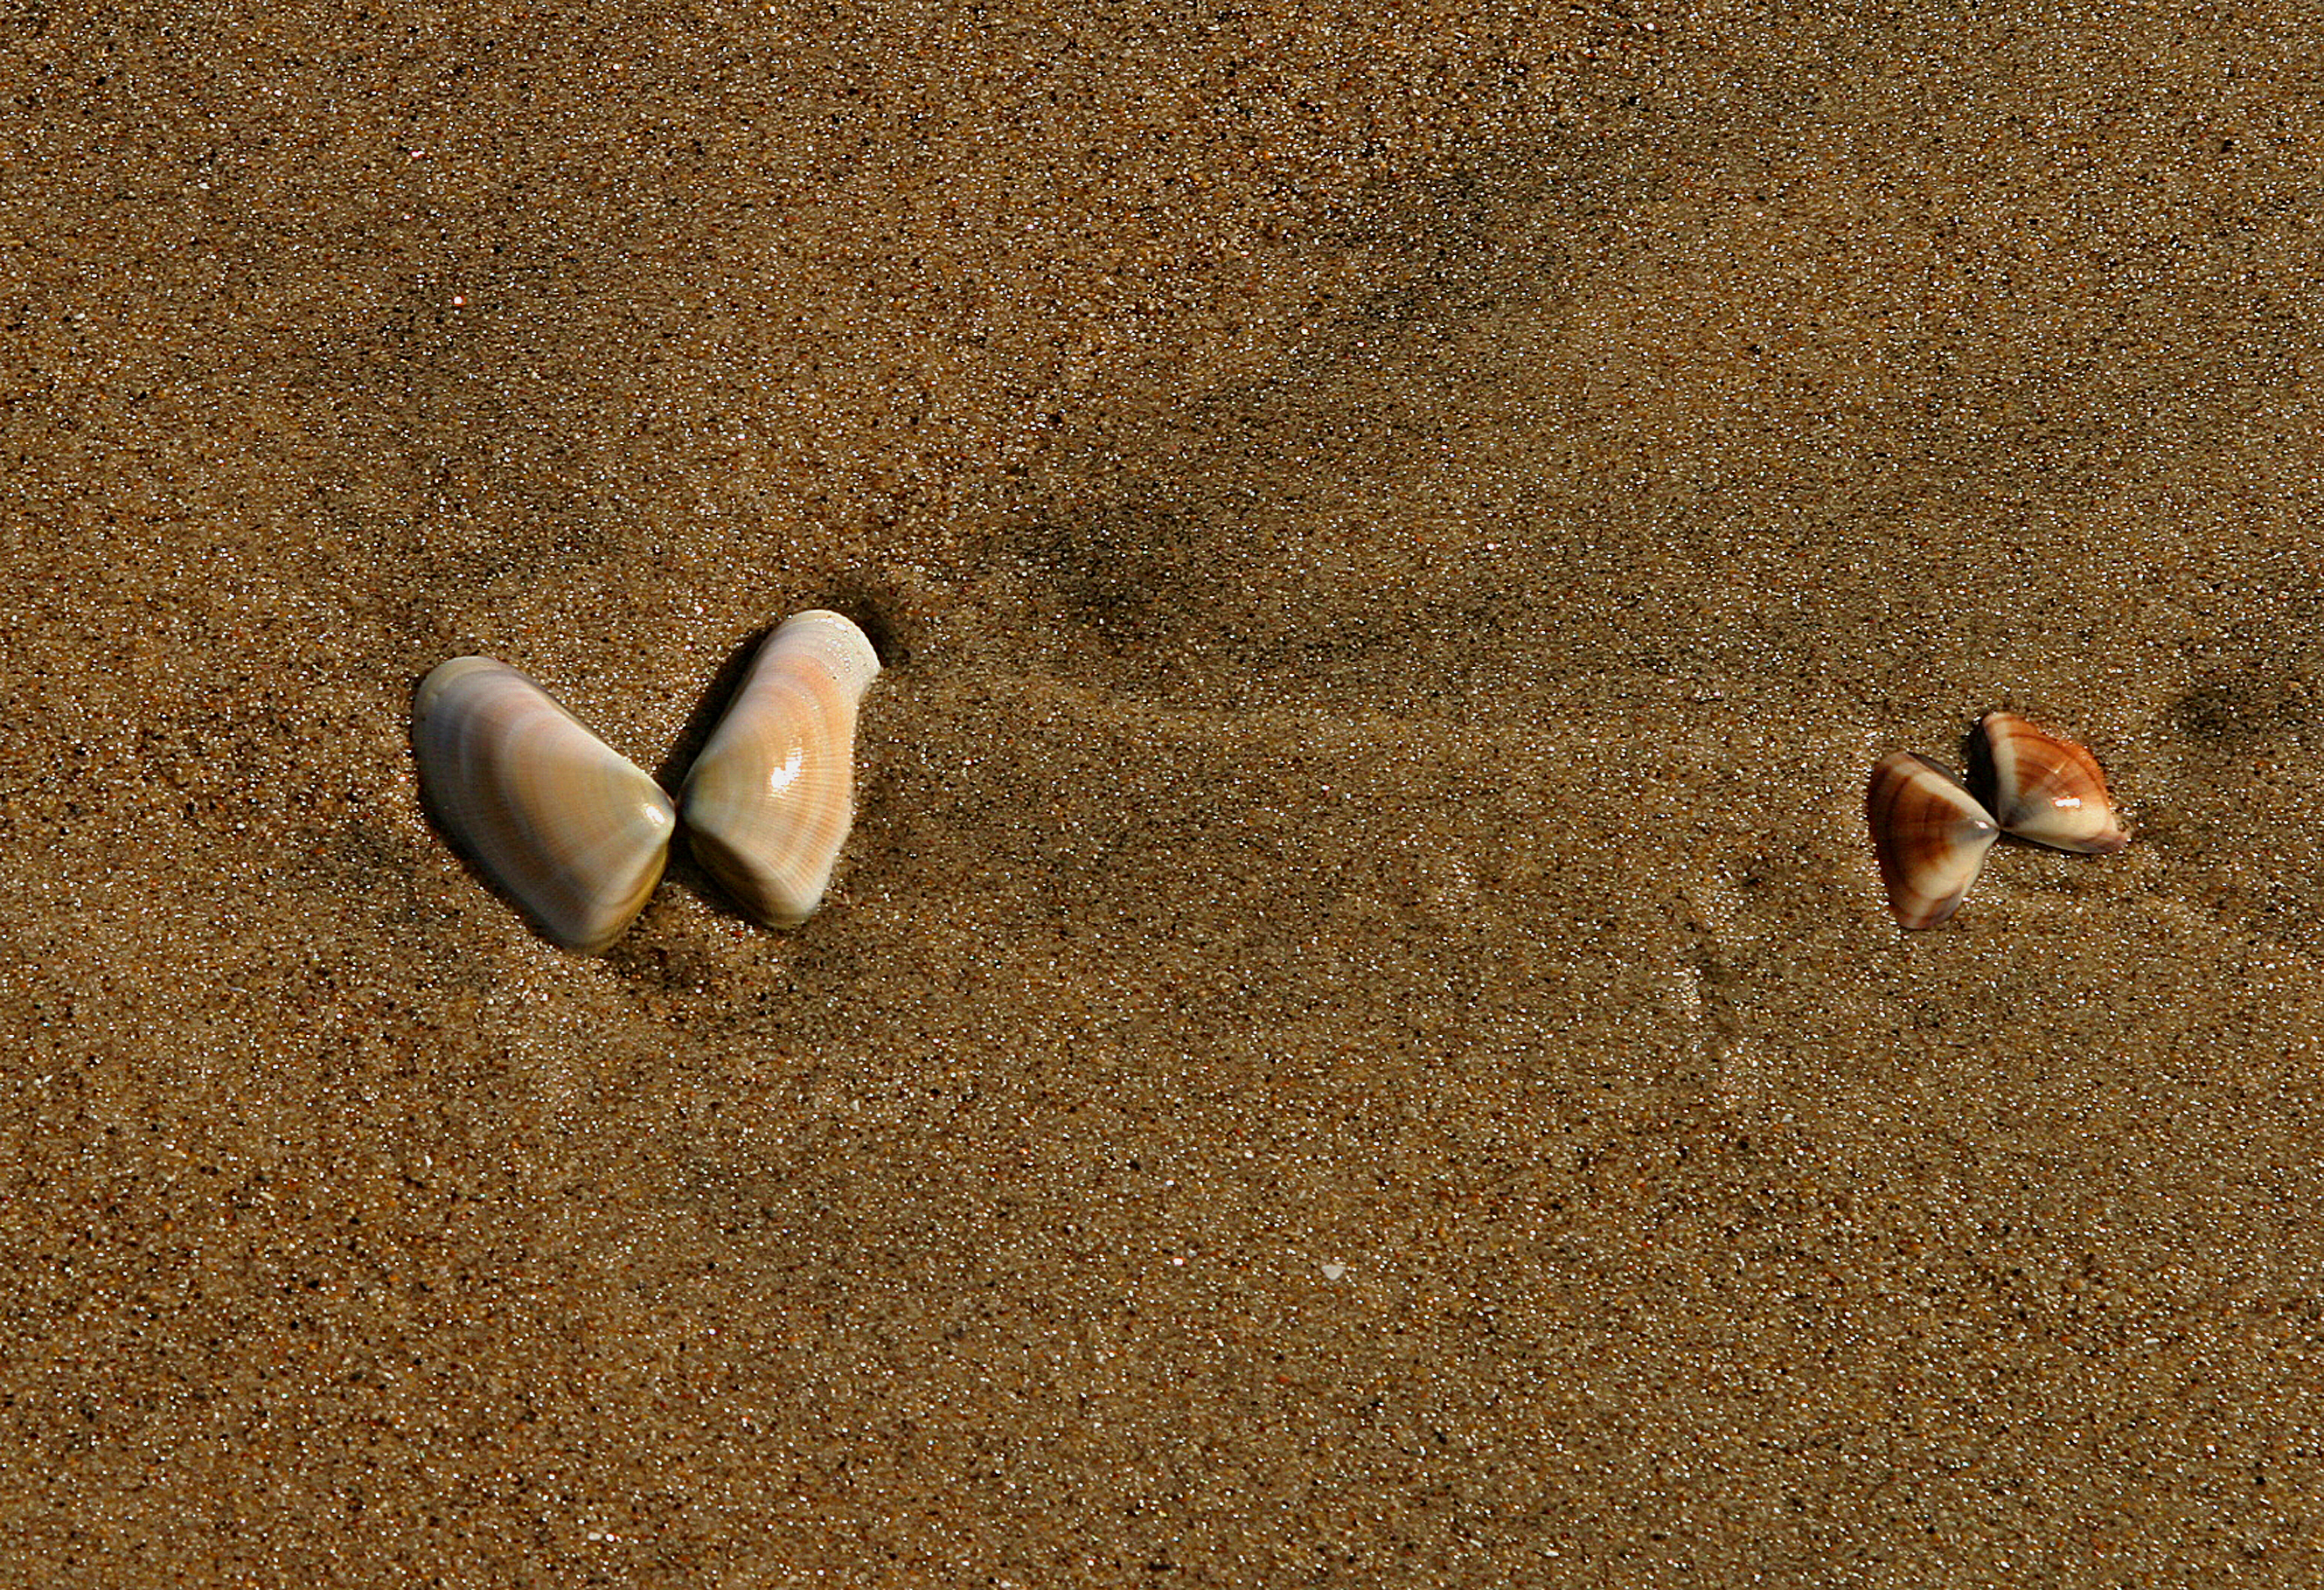 shellsbutter.jpg